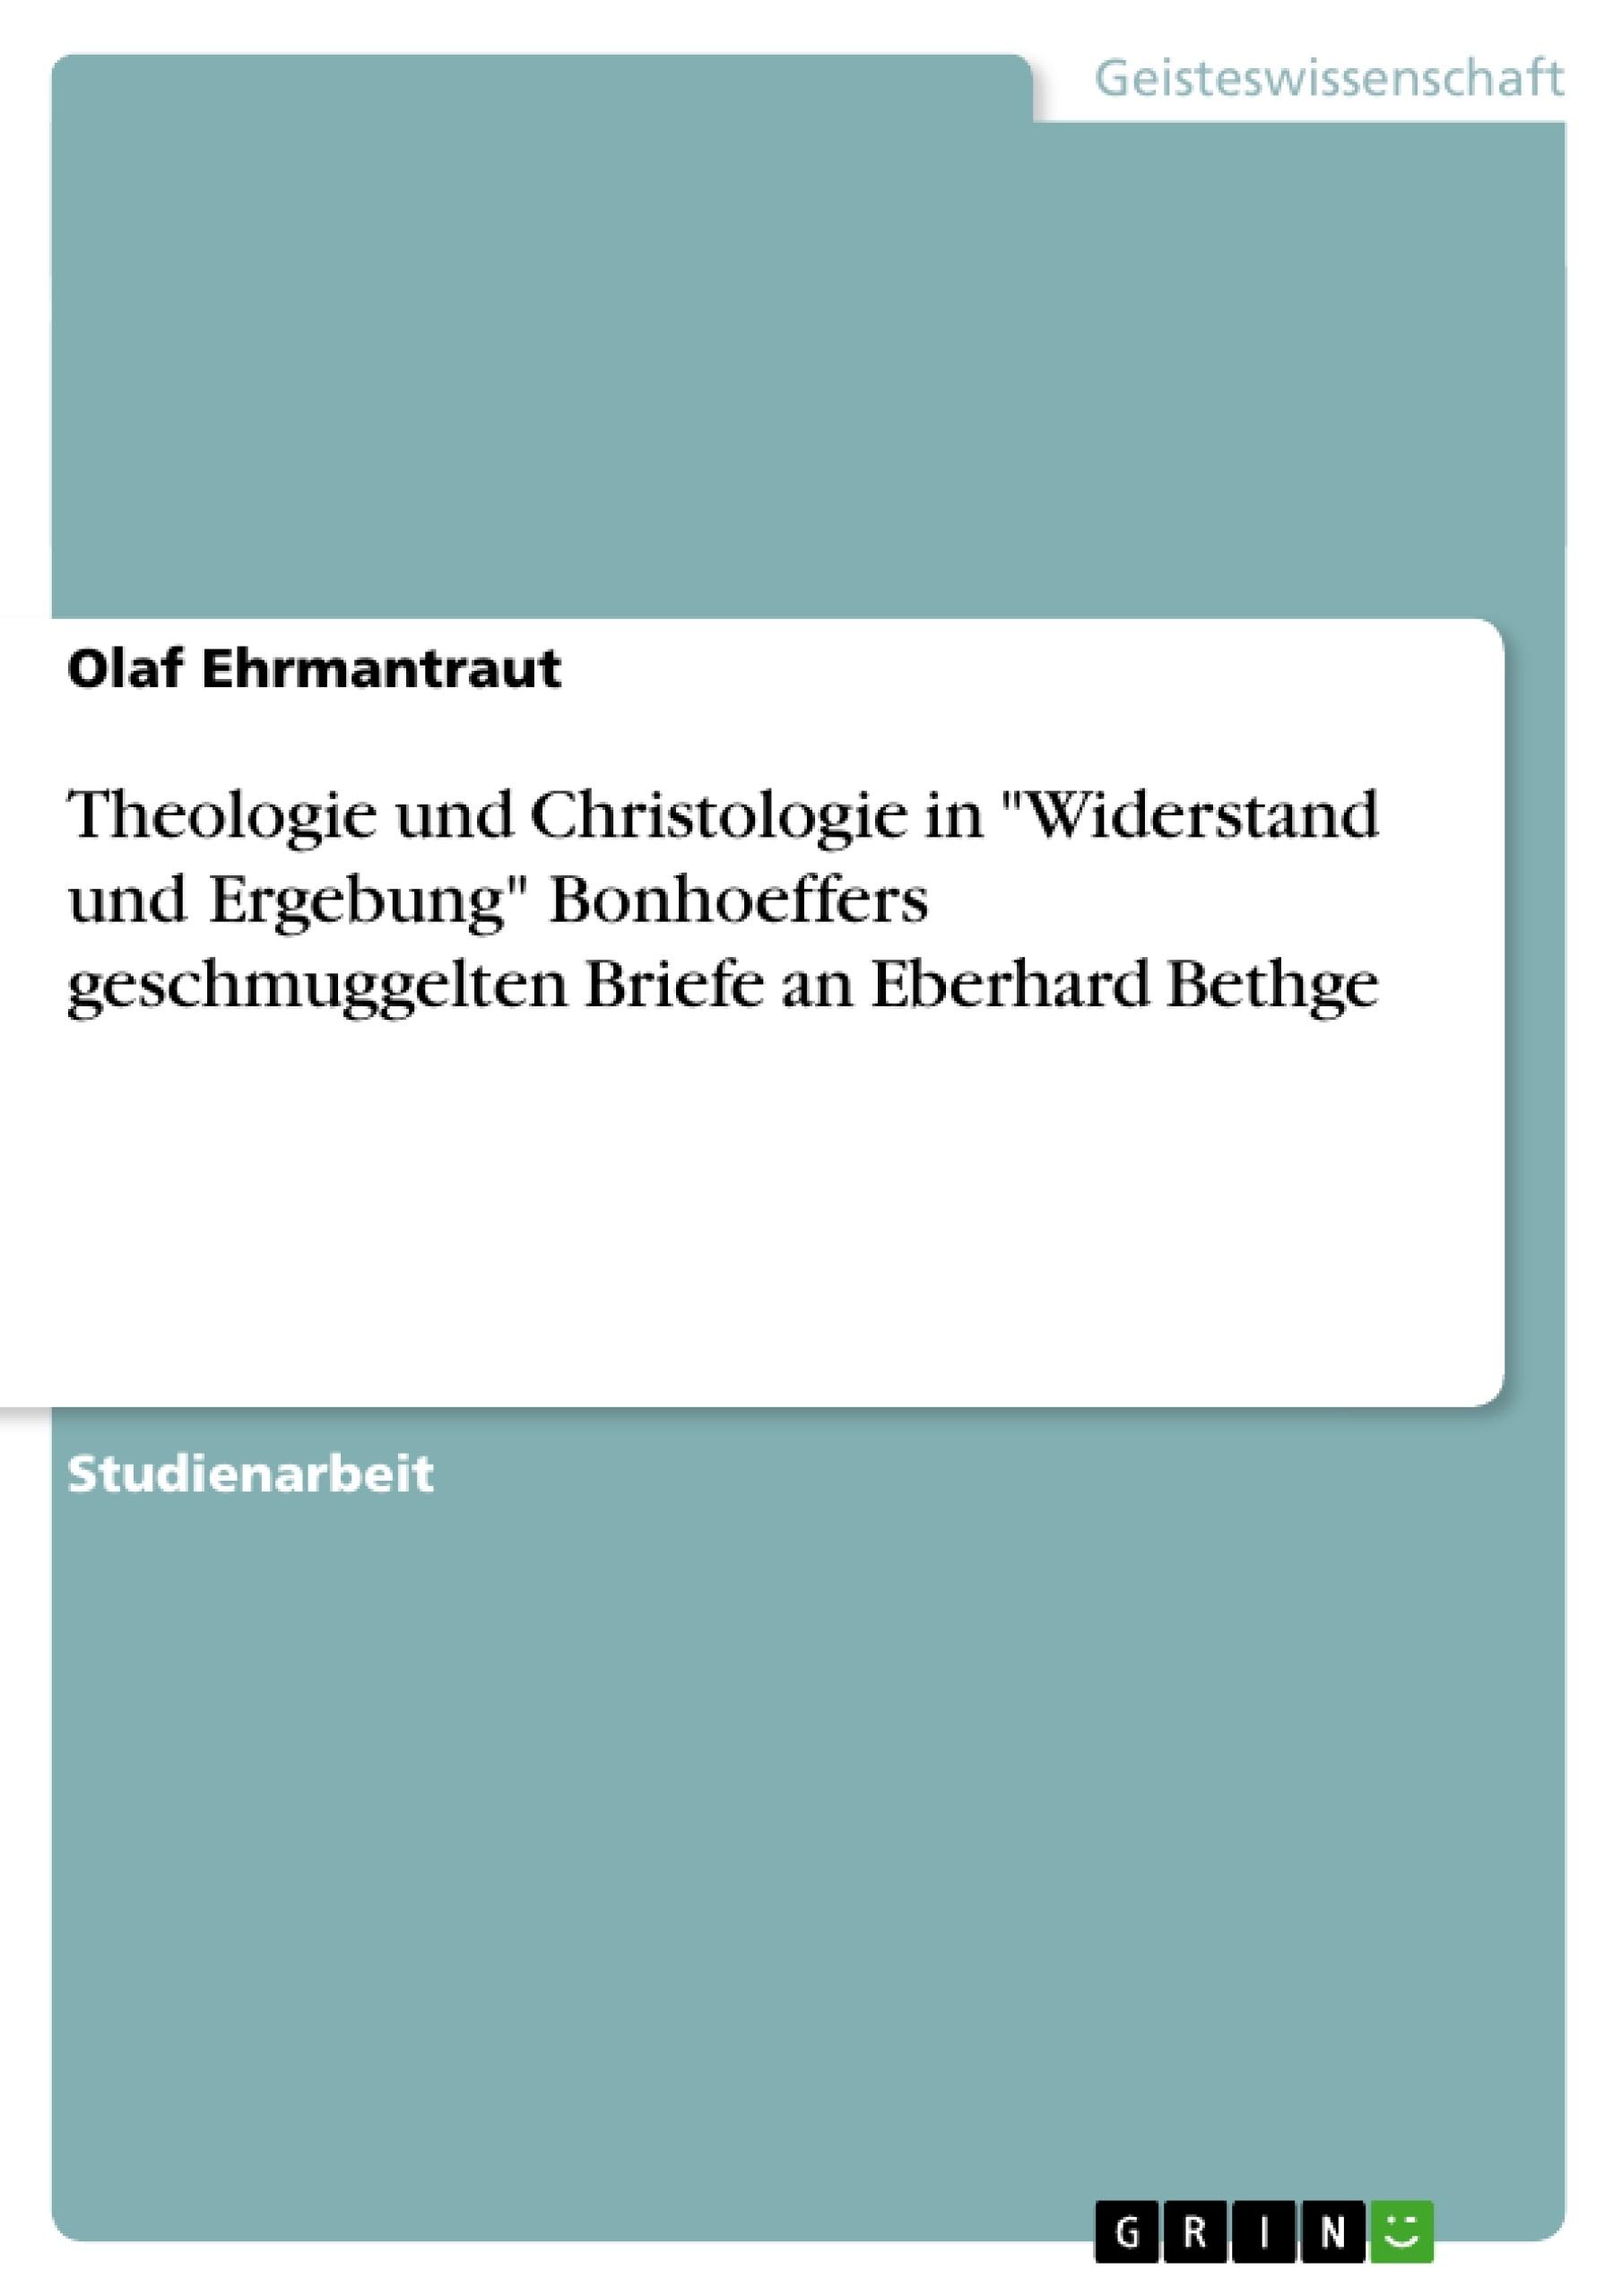 """Titel: Theologie und Christologie in """"Widerstand und Ergebung"""" Bonhoeffers geschmuggelten Briefe an Eberhard Bethge"""